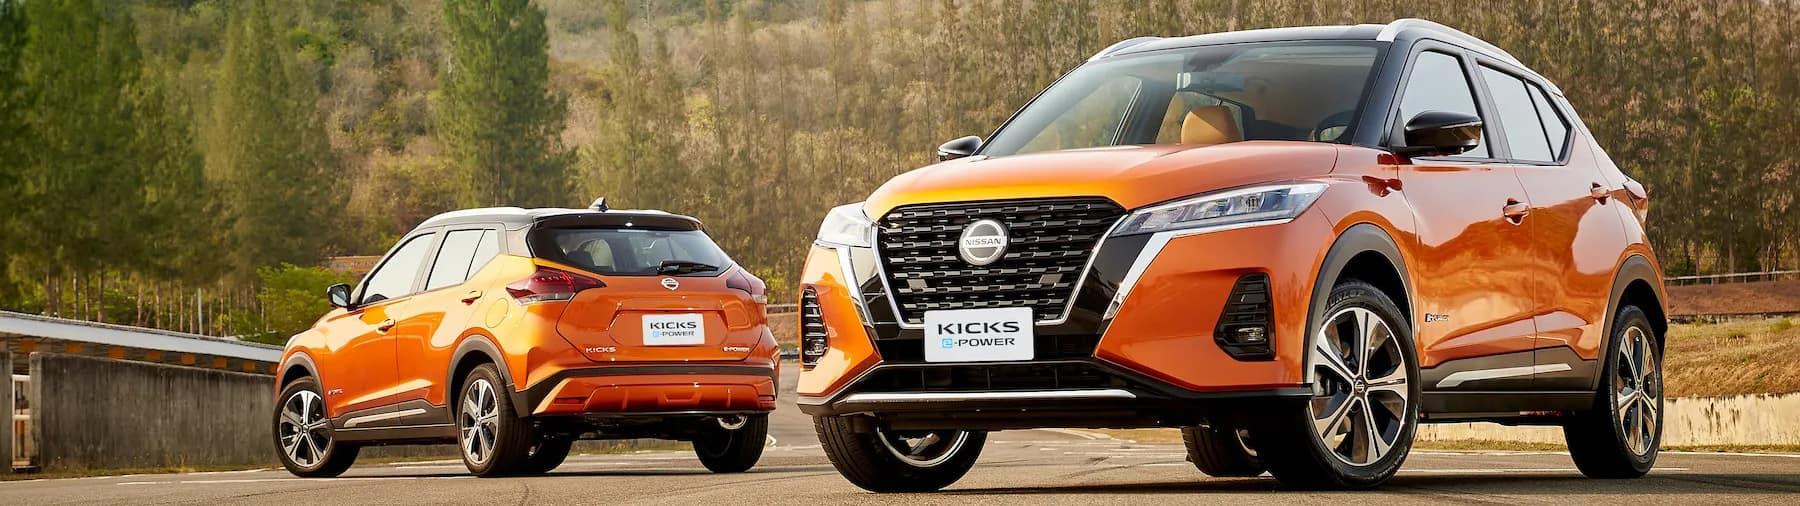 2021 Nissan Kicks in Oklahoma city